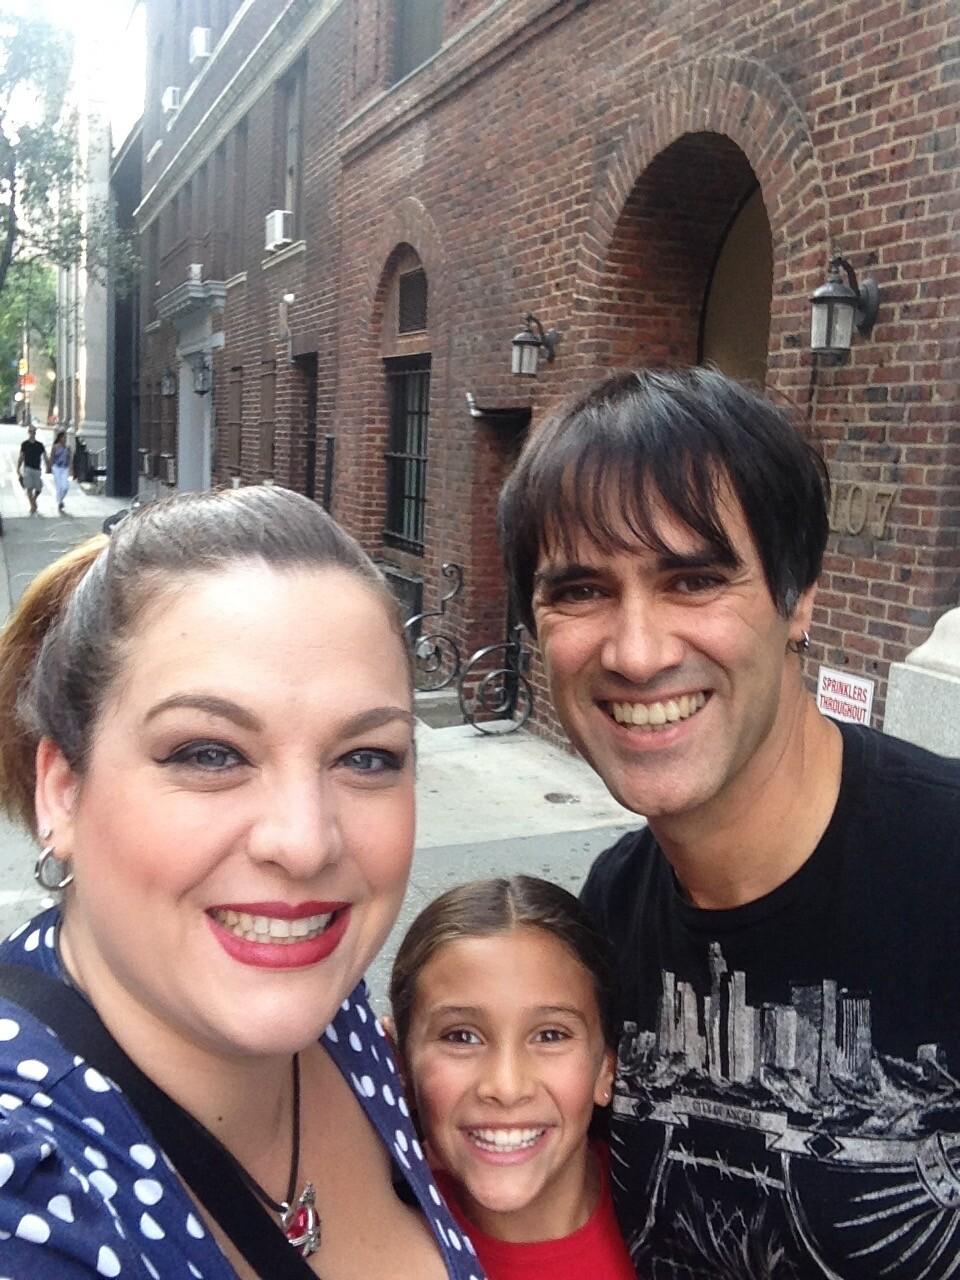 lankamp family selfie.jpg